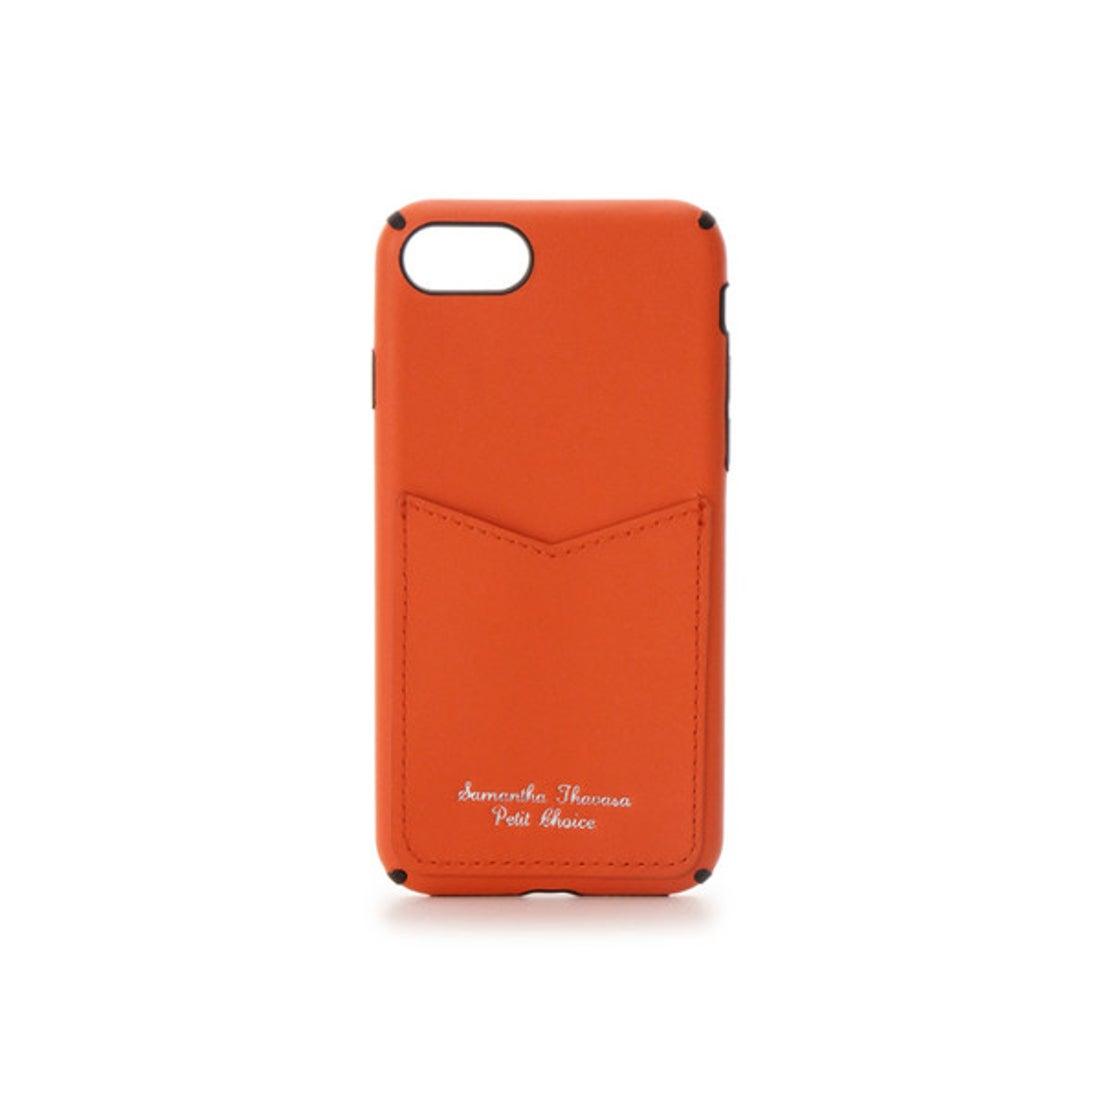 サマンサタバサプチチョイス カードポケットiphoneケース 7-8 オレンジ